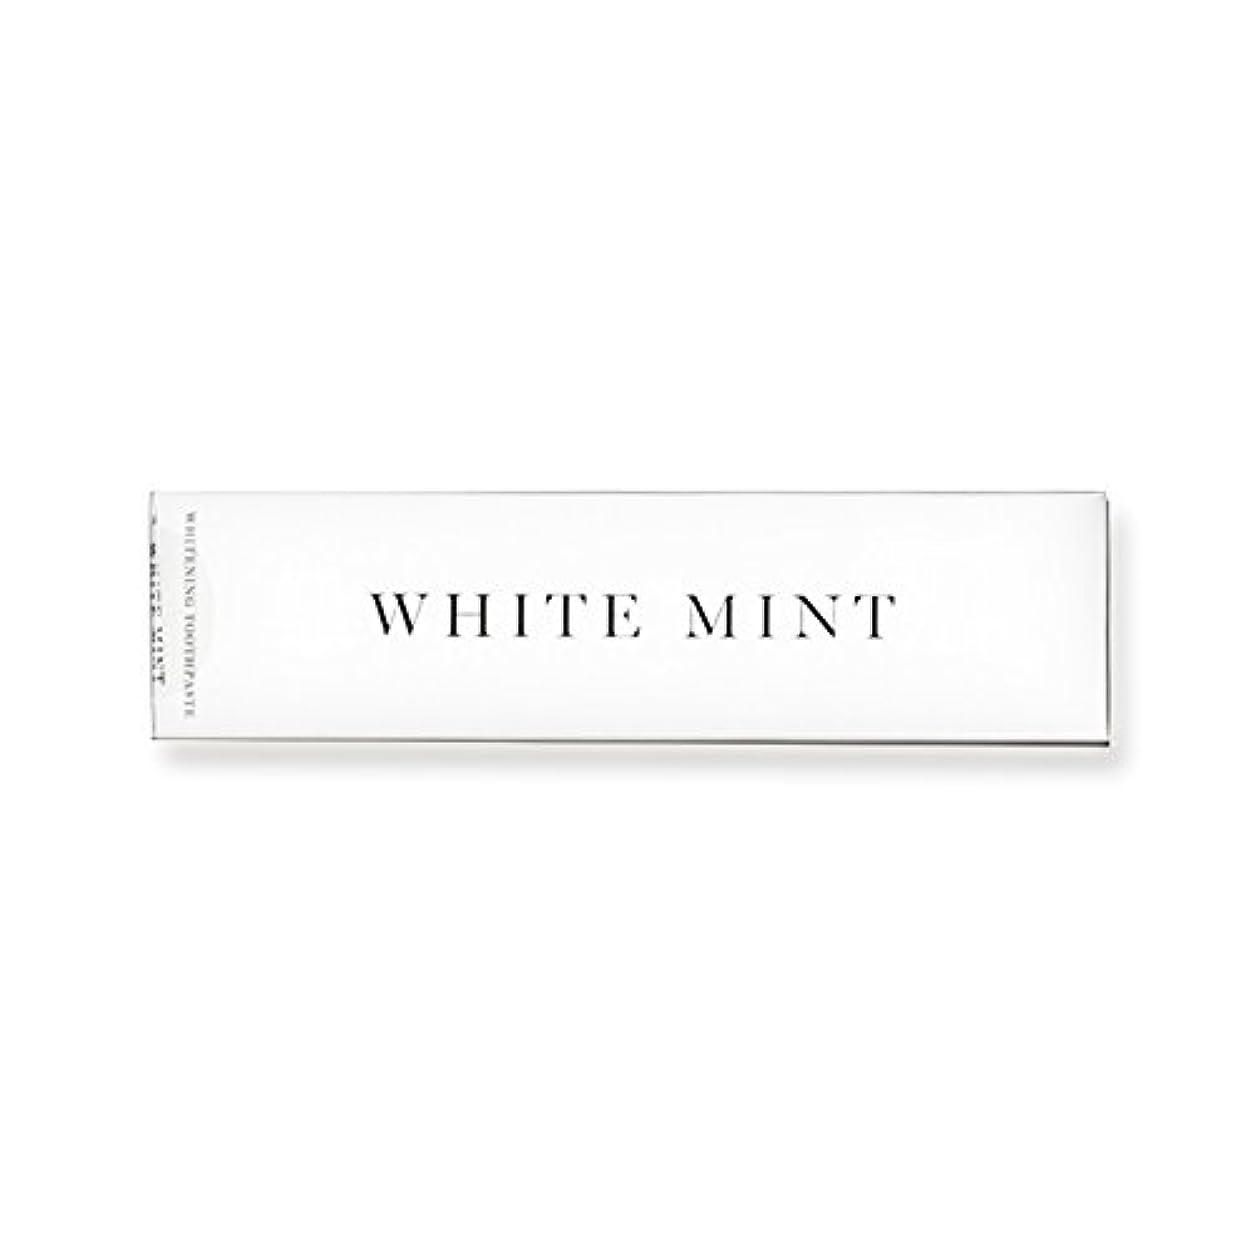 本エッセンス遅れホワイトミント 130g (旧シルクホワイト)